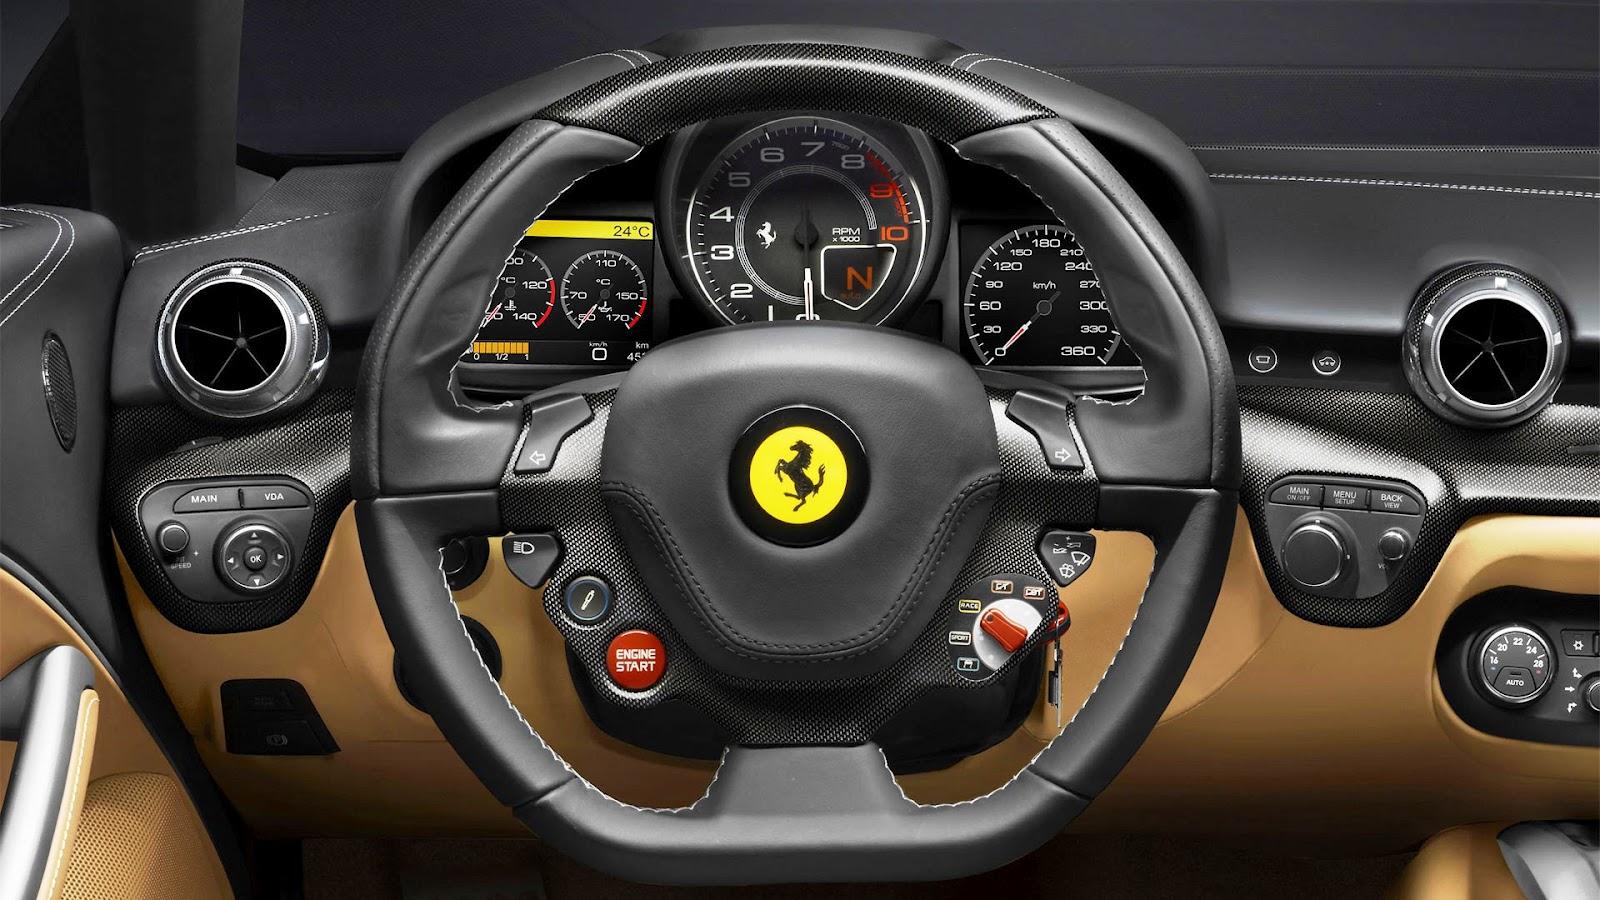 http://3.bp.blogspot.com/-E8JRvfLLtp8/T6yxYFtHzJI/AAAAAAAAAuo/n3ueylEUPLQ/s1600/Ferrari+F12berlinetta+07.jpg